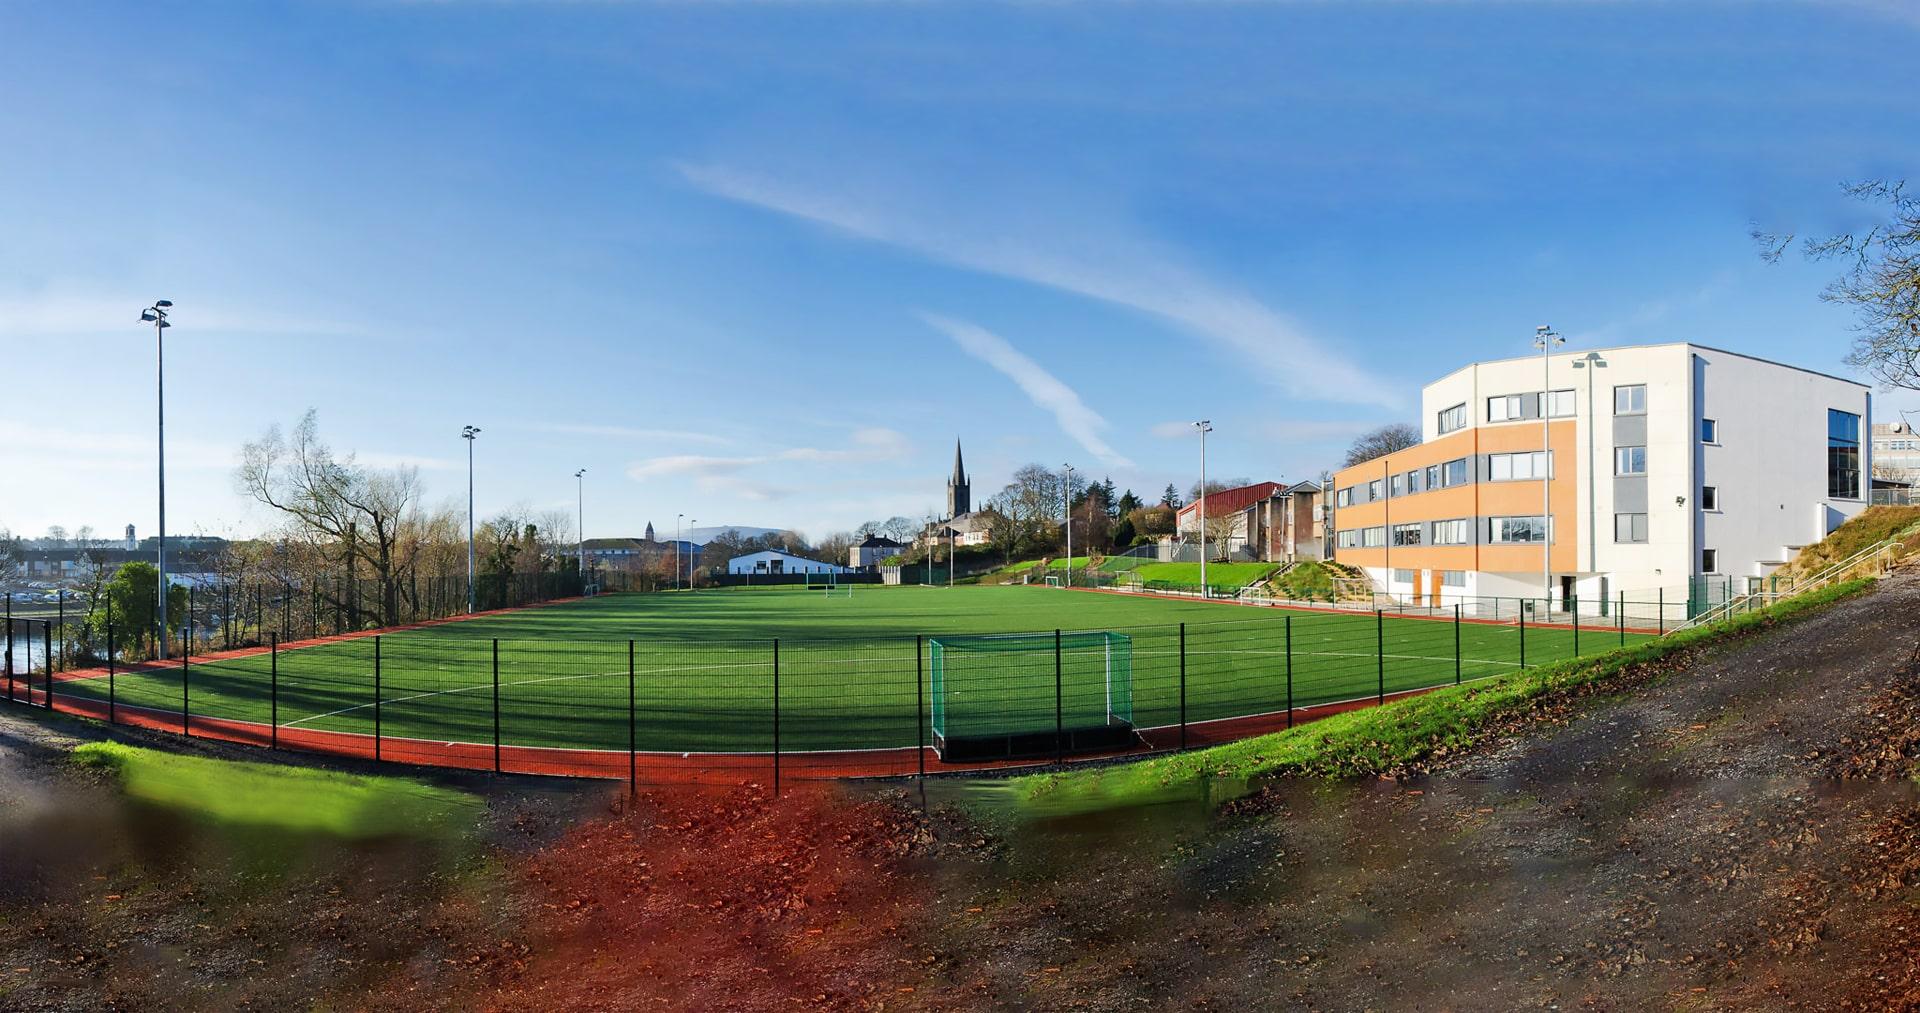 Internado año escolar en Irlanda Sligo Grammar School